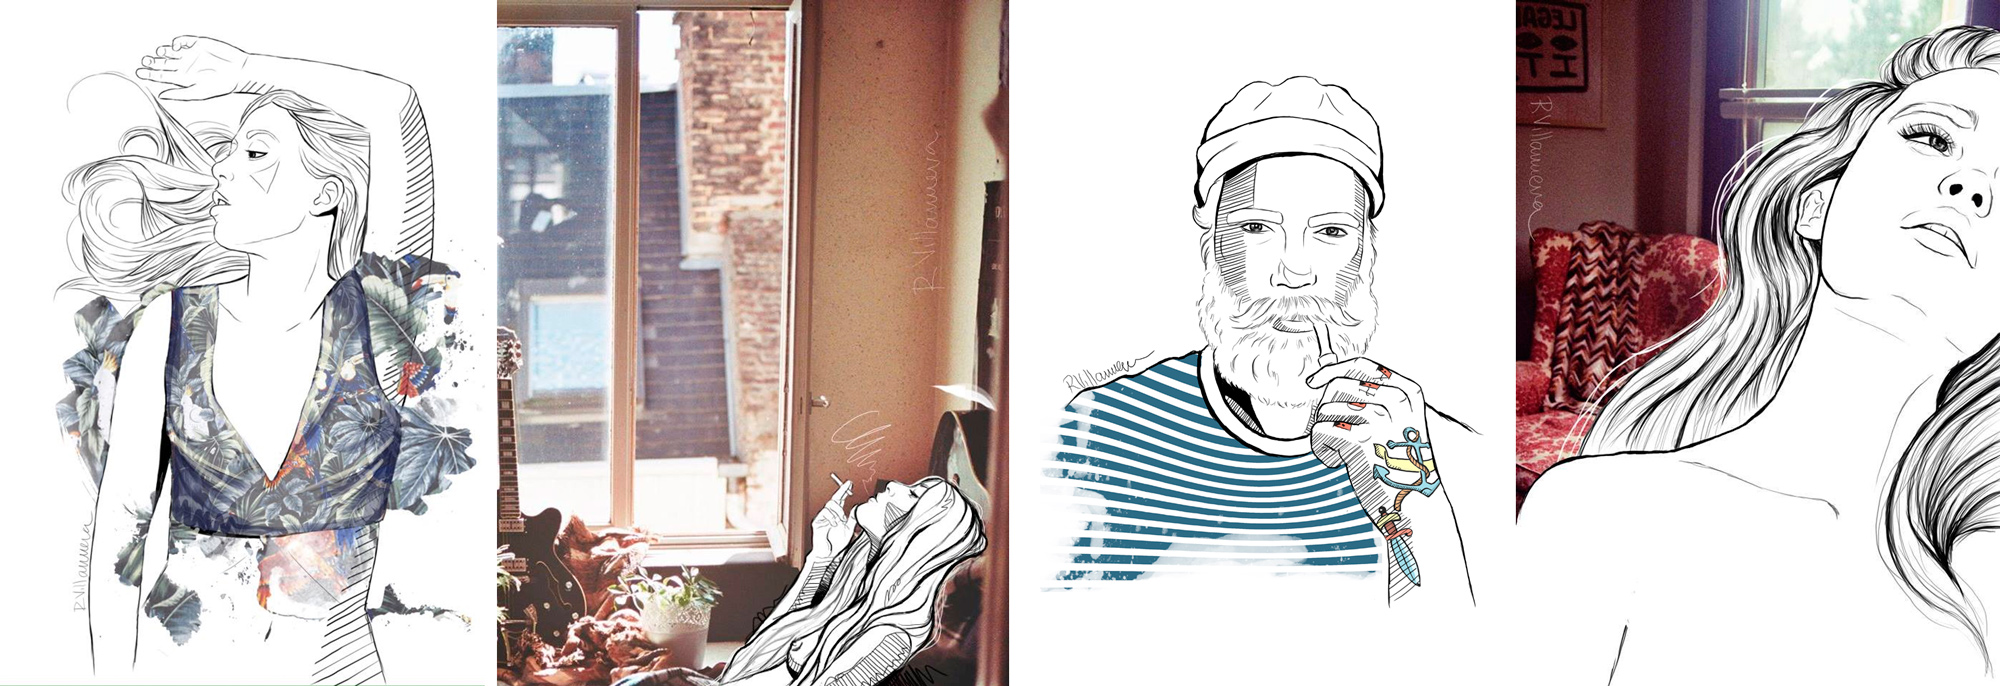 compo-h-raquel-villanueva-diseños-ilustracion-foto-realidad-dibujo-decoratualma-dta